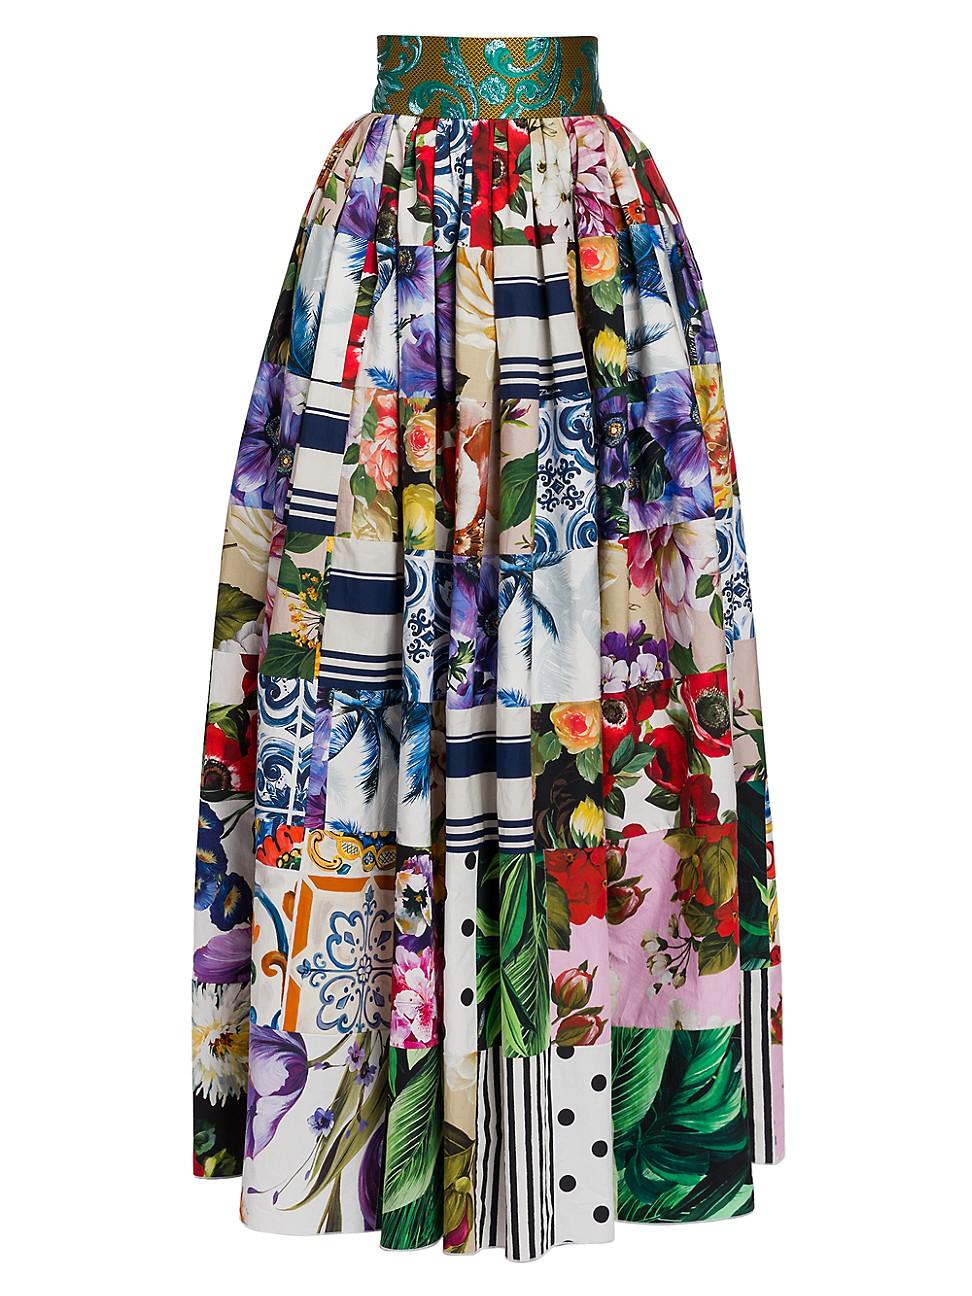 Dolce & Gabbana Cottons WOMEN'S PATCHWORK POPLIN MAXI FULL SKIRT